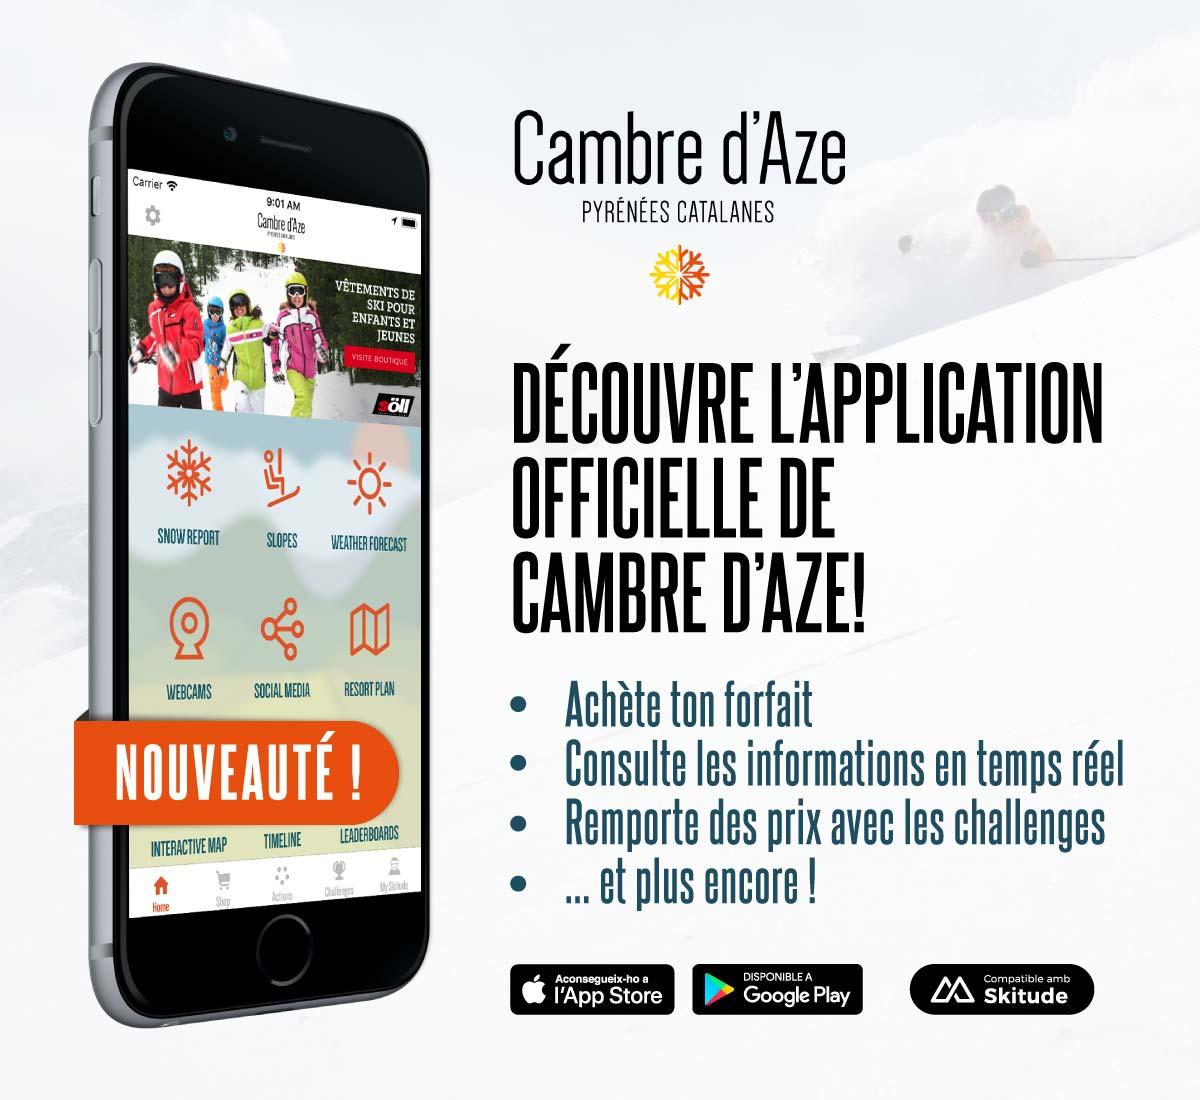 cambre-daze-promo-application-2017-fr.jpg